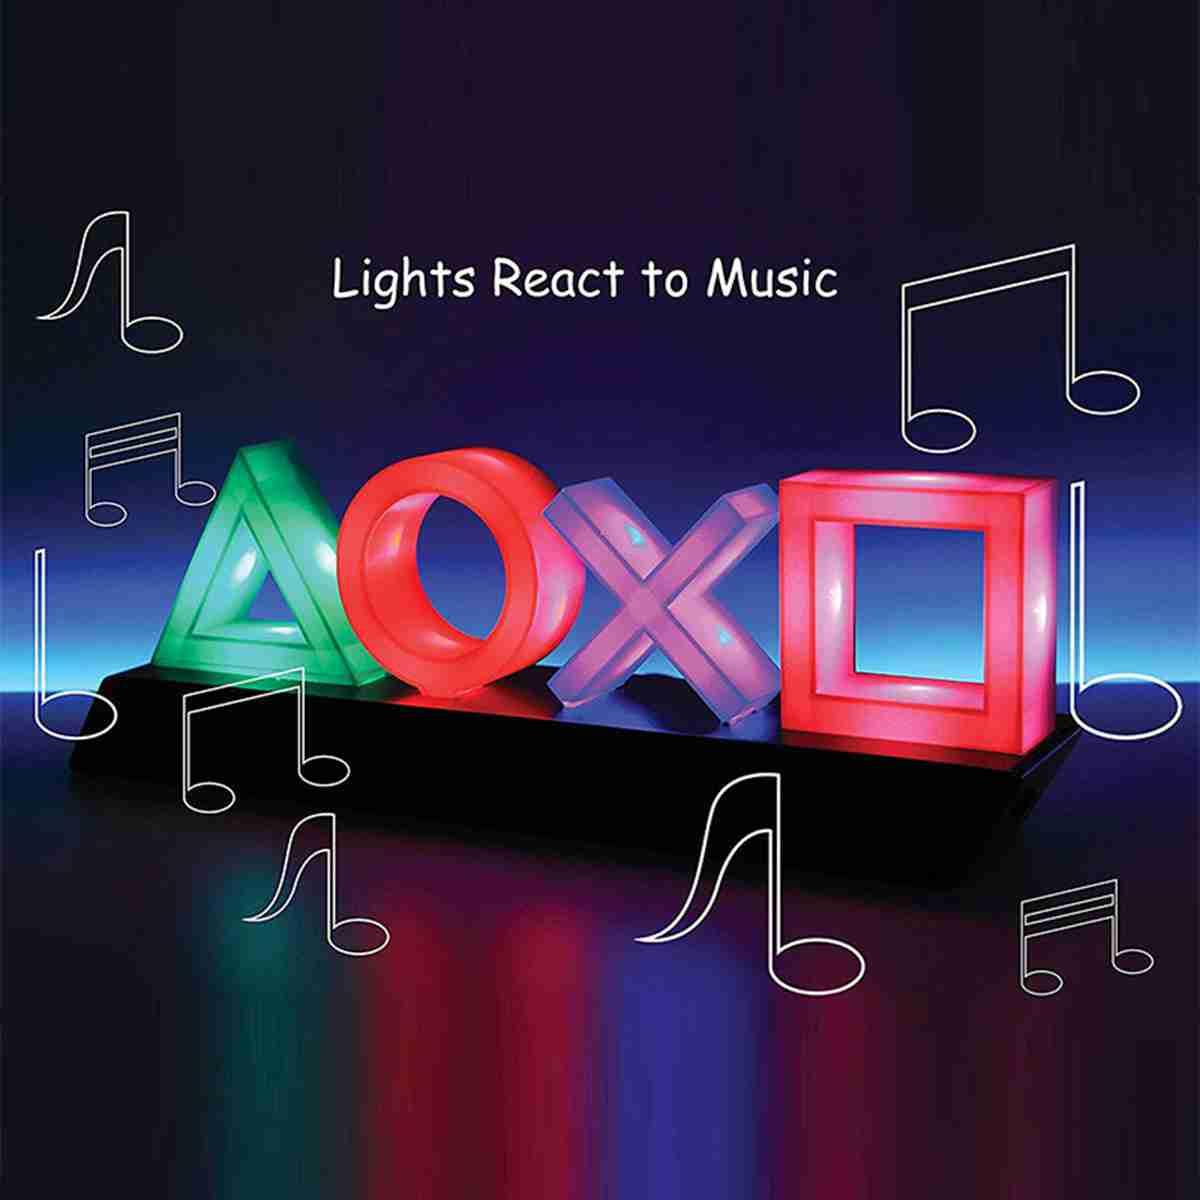 Sterowanie głosem atmosfera lampa neonowa Bar akryl dekoracyjny lampa ściemnialna Bar Club KTV dekoracja ścienna oświetlenie komercyjne